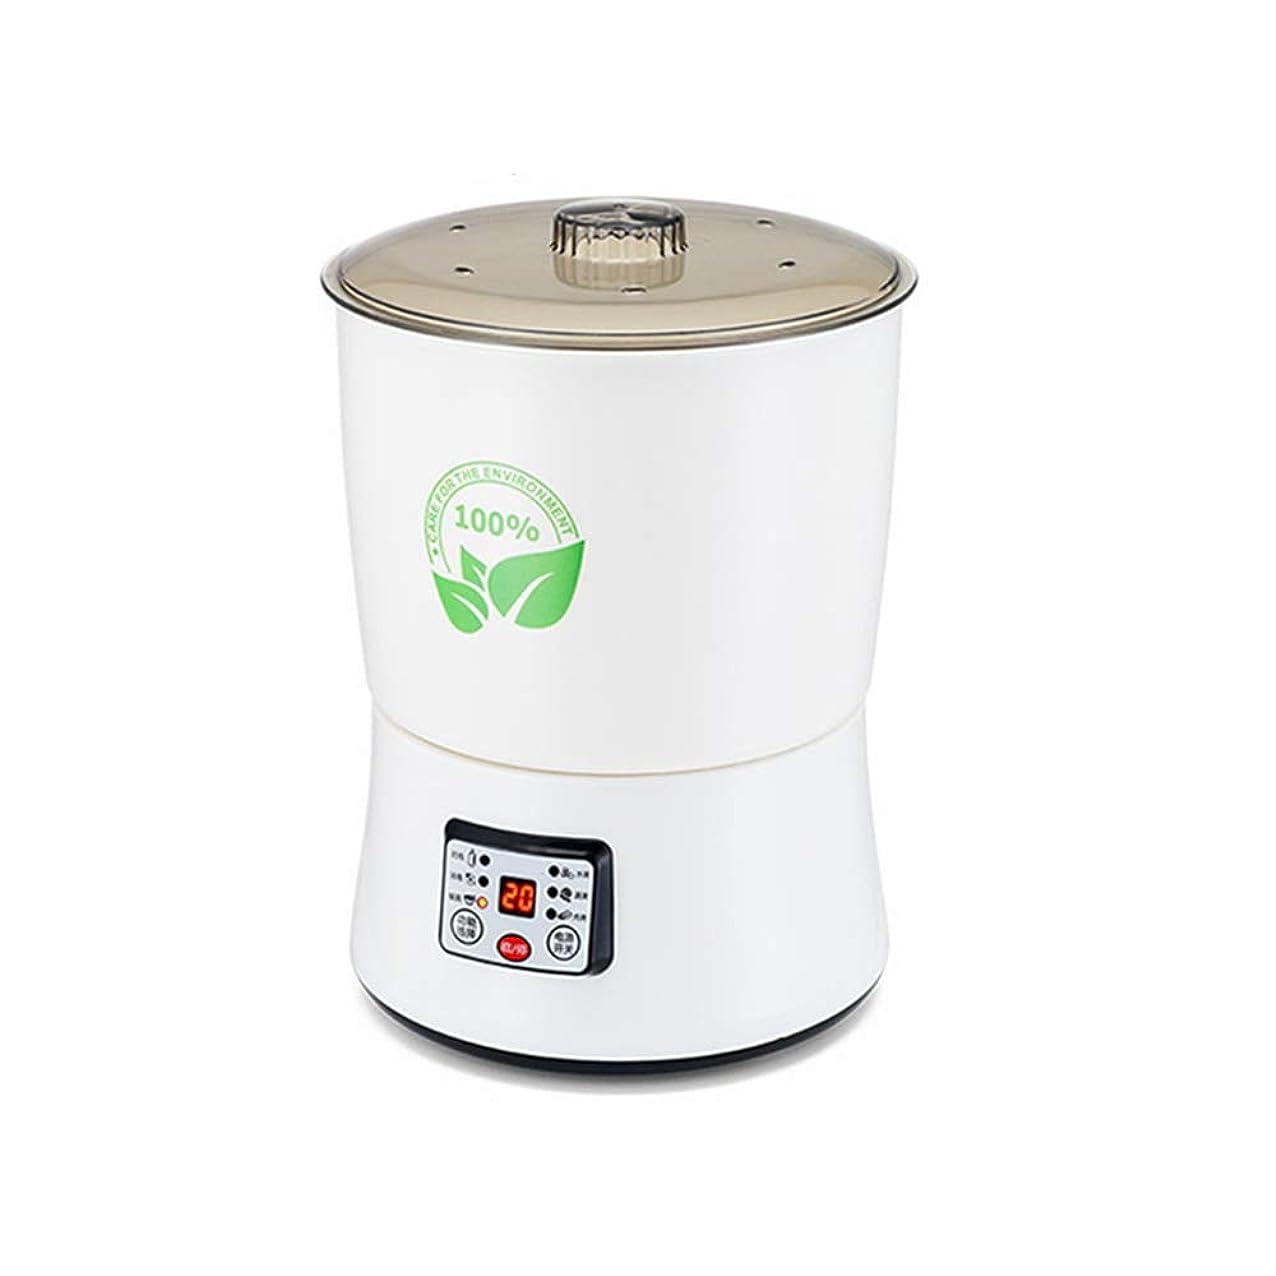 リンク万歳ネスト酸素果物と野菜の解毒機-自動肉洗浄機、食品の浄化